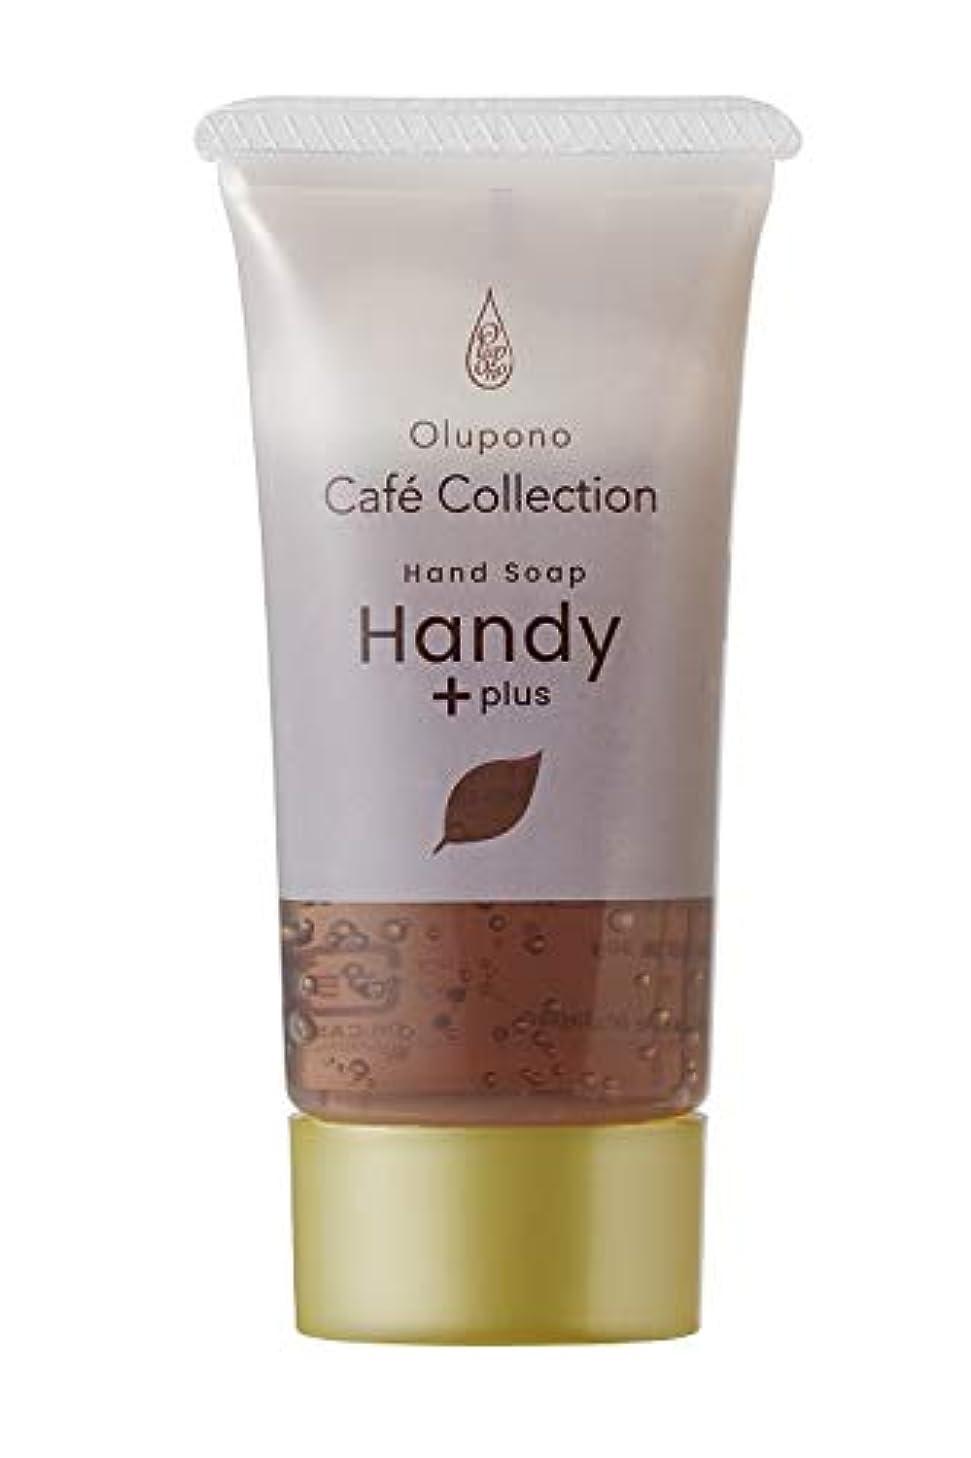 リットル形成その間オルポノカフェコレクションHandy+plus<30g> コーヒー